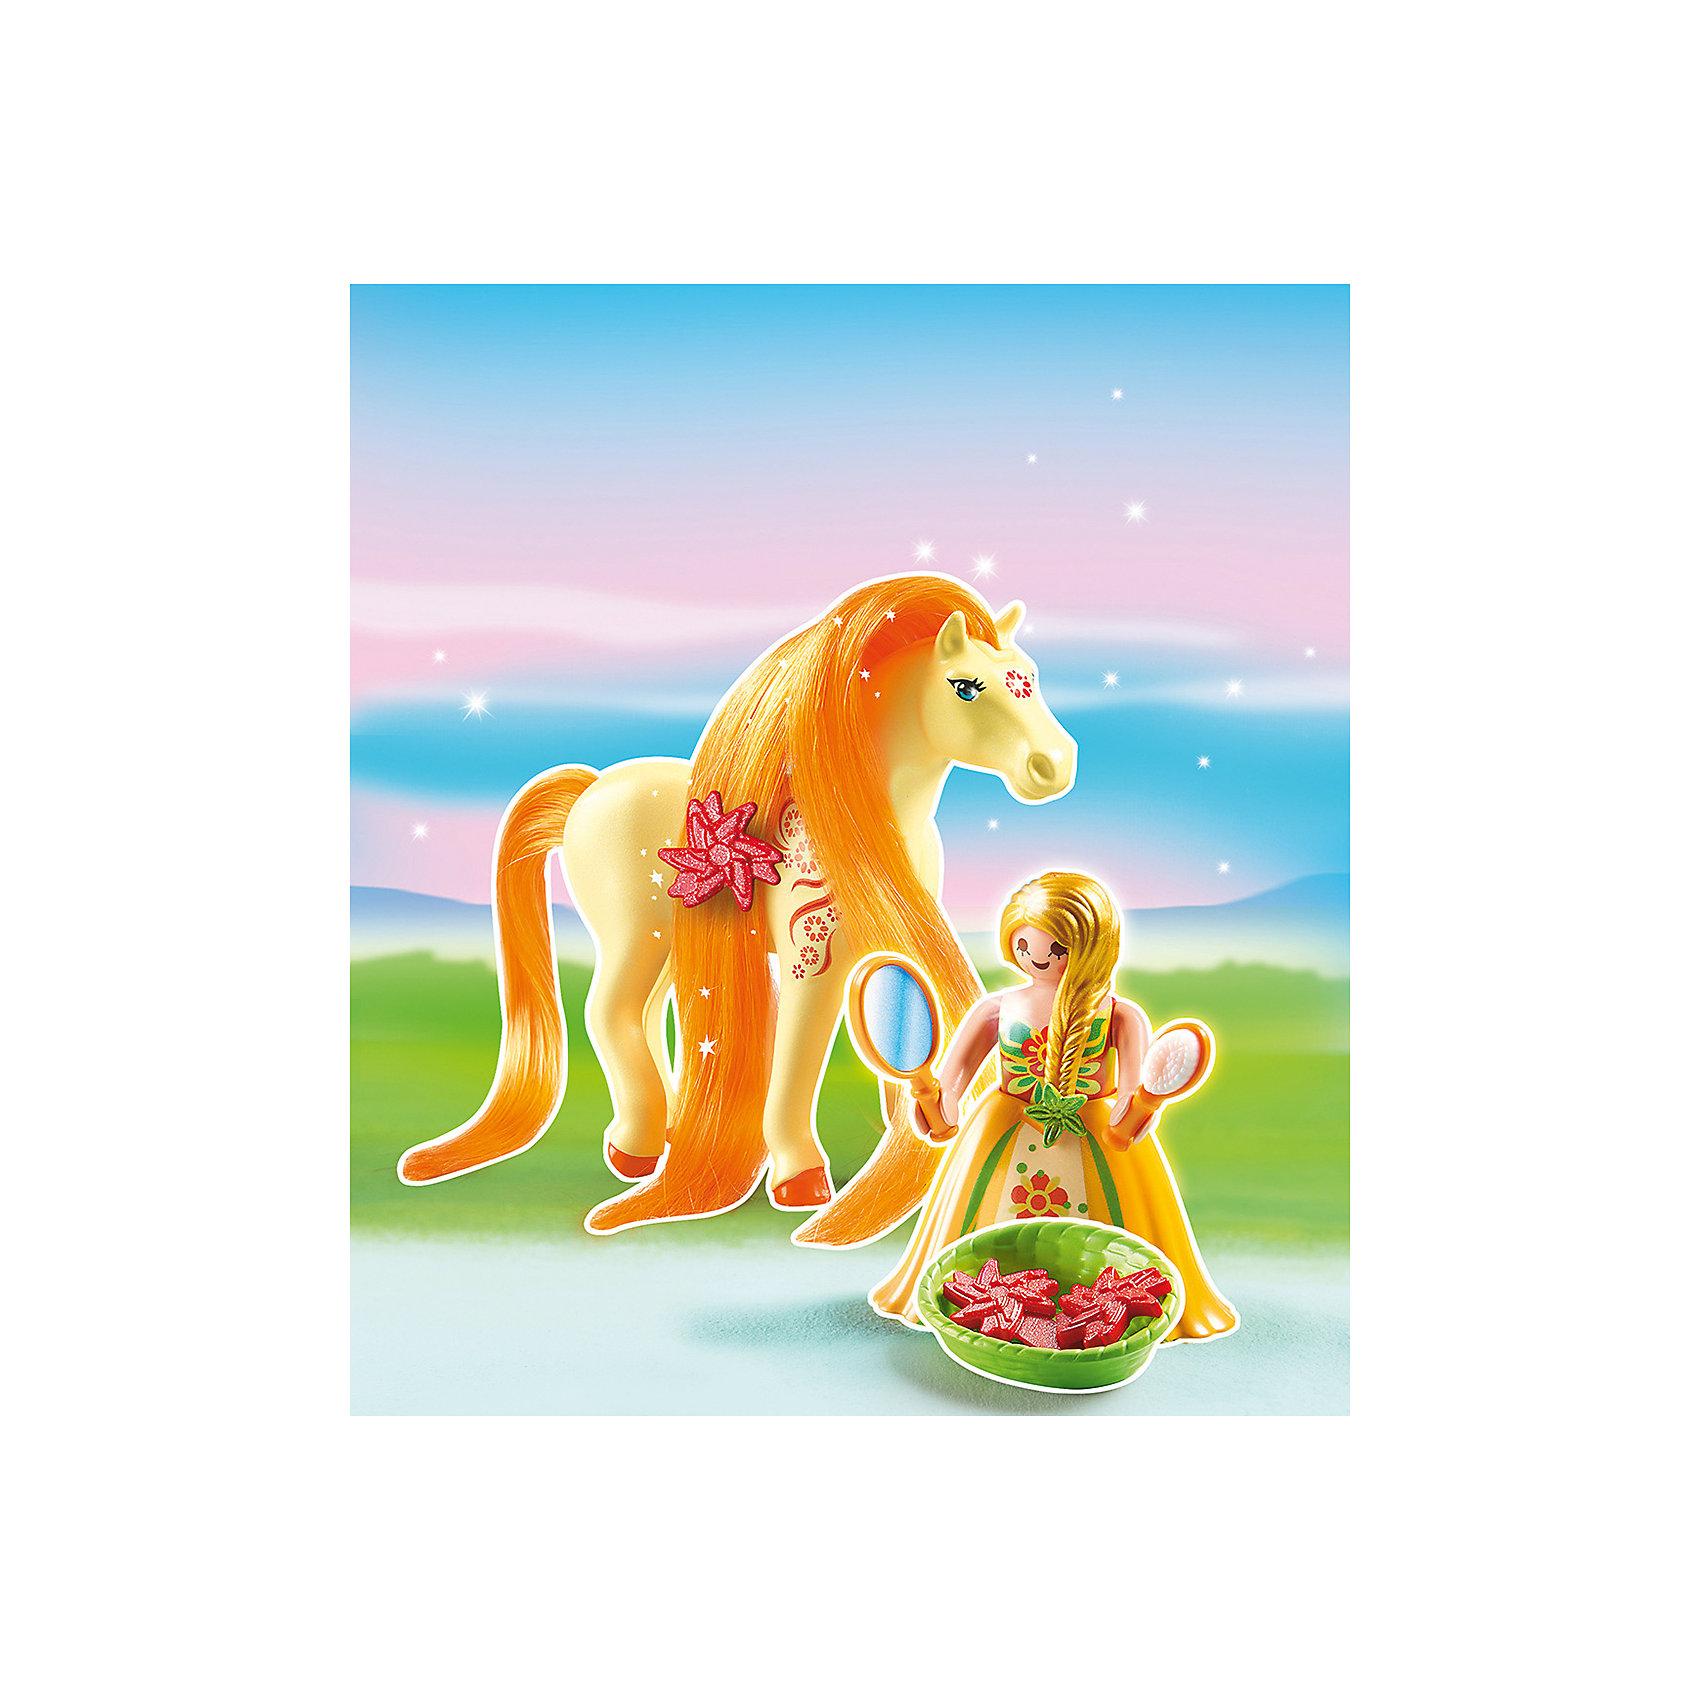 Принцессы: Принцесса Санни с Лошадкой, PLAYMOBILПринцессы: Принцесса Санни с Лошадкой, PLAYMOBIL (Плэймобил)<br><br>Характеристики:<br><br>• можно расчесать лошадку и сделать ей прическу<br>• голова лошади подвижна<br>• материал: пластик<br>• в комплекте: лошадка, девочка, расческа, зеркало, заколка, корзинка<br>• размер упаковки: 16,9х24,6х8 см<br>• вес: 110 грамм<br><br>С помощью набора от Плэймобил ребенок сможет помочь девочки расчесать роскошную гриву лошадки и даже украсить ее заколкой. В комплекте вы найдете всё необходимое для этого. Аксессуары хорошо помещаются в руки девочки, что значительно облегчает процесс игры. Пышное платье принцессы можно снять, чтобы она смогла оседлать лошадку. Детали изготовлены из прочного высококачественного пластика. Этот набор непременно понравится вашему ребенку!<br><br>Принцессы: Принцесса Санни с Лошадкой, PLAYMOBIL (Плэймобил) вы можете купить в нашем интернет-магазине.<br><br>Ширина мм: 239<br>Глубина мм: 167<br>Высота мм: 73<br>Вес г: 101<br>Возраст от месяцев: 60<br>Возраст до месяцев: 120<br>Пол: Женский<br>Возраст: Детский<br>SKU: 3786432